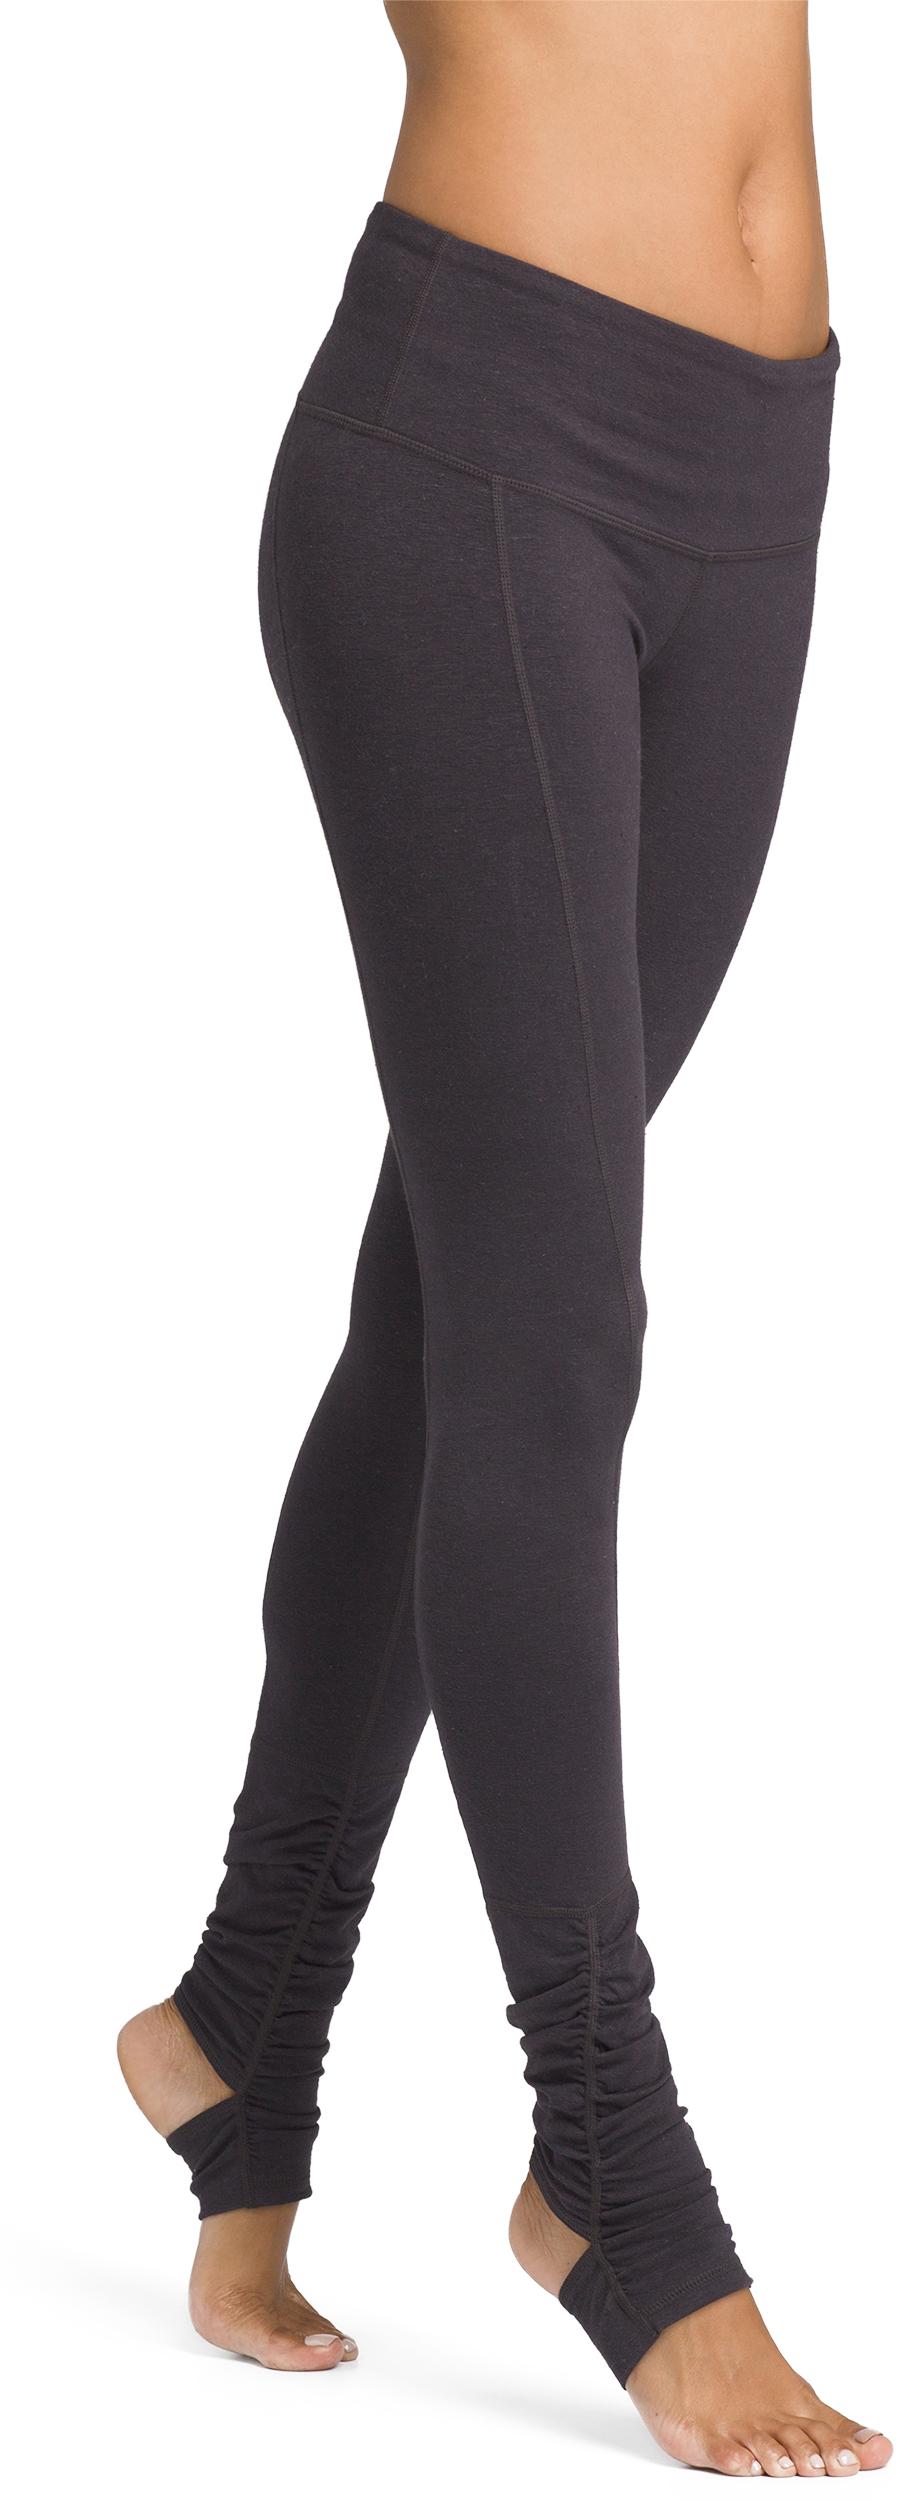 432d29d7a8fd3d Leggings and tights   MEC